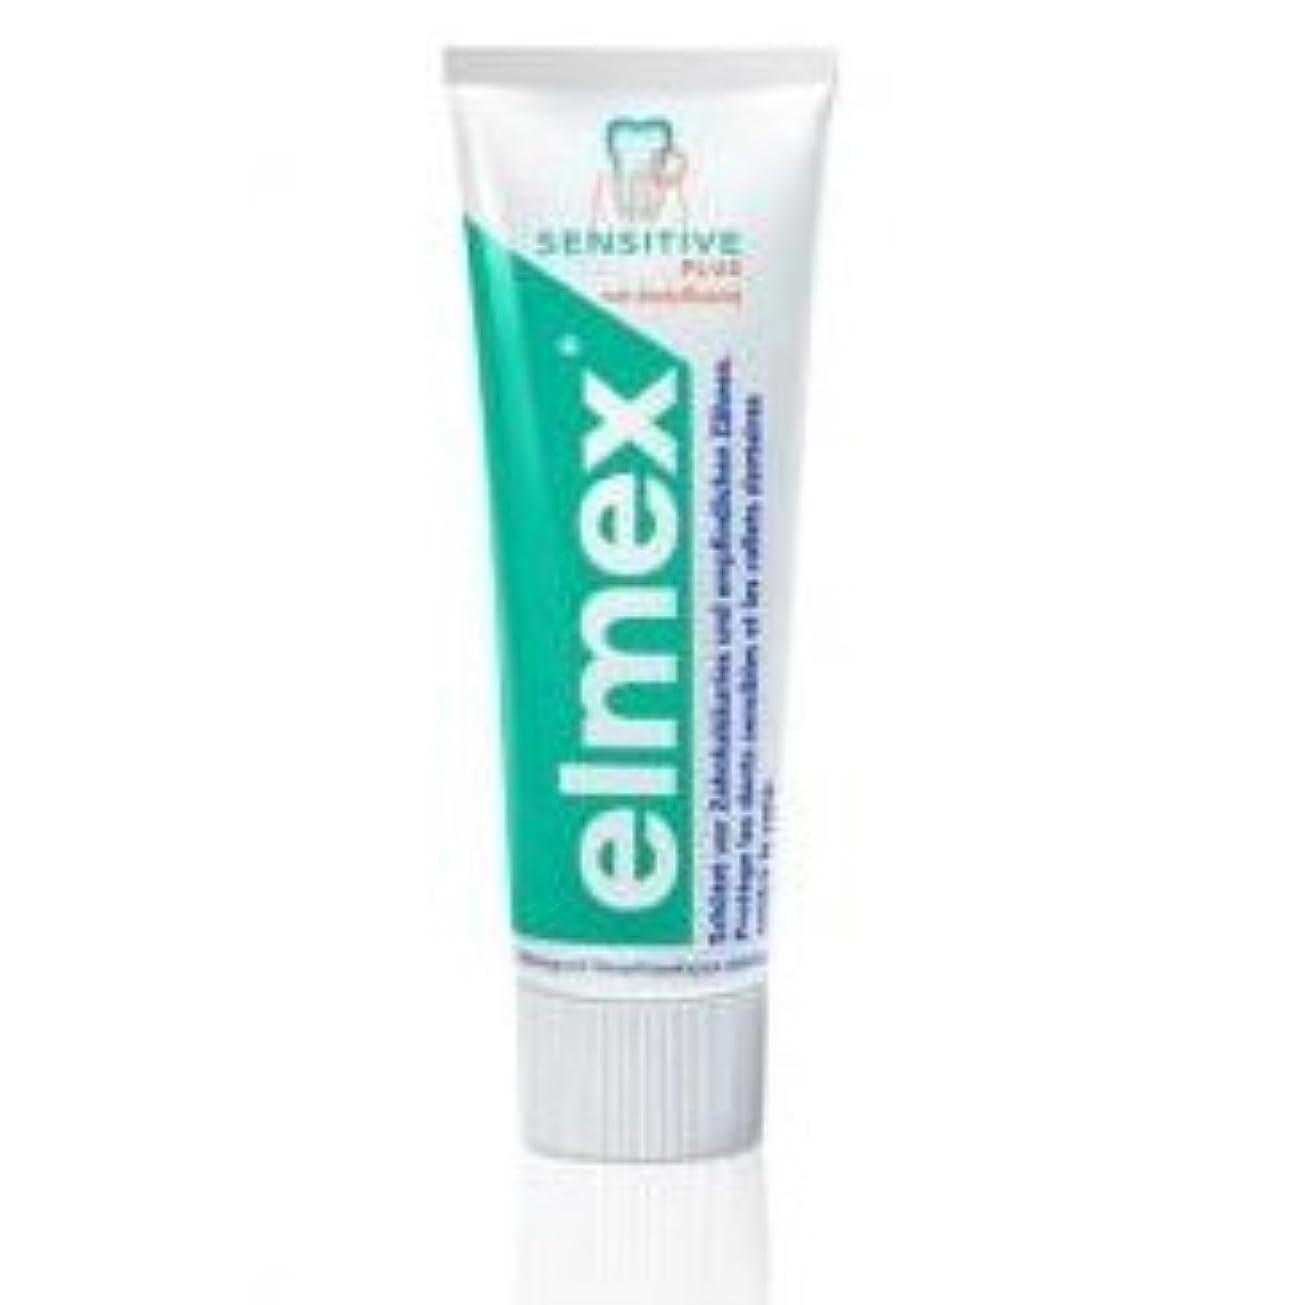 引き付ける口頭チョコレートエルメックス センシティブ 歯磨き粉 75ml (elmex sensitive toothpaste 75ml)【並行輸入品】